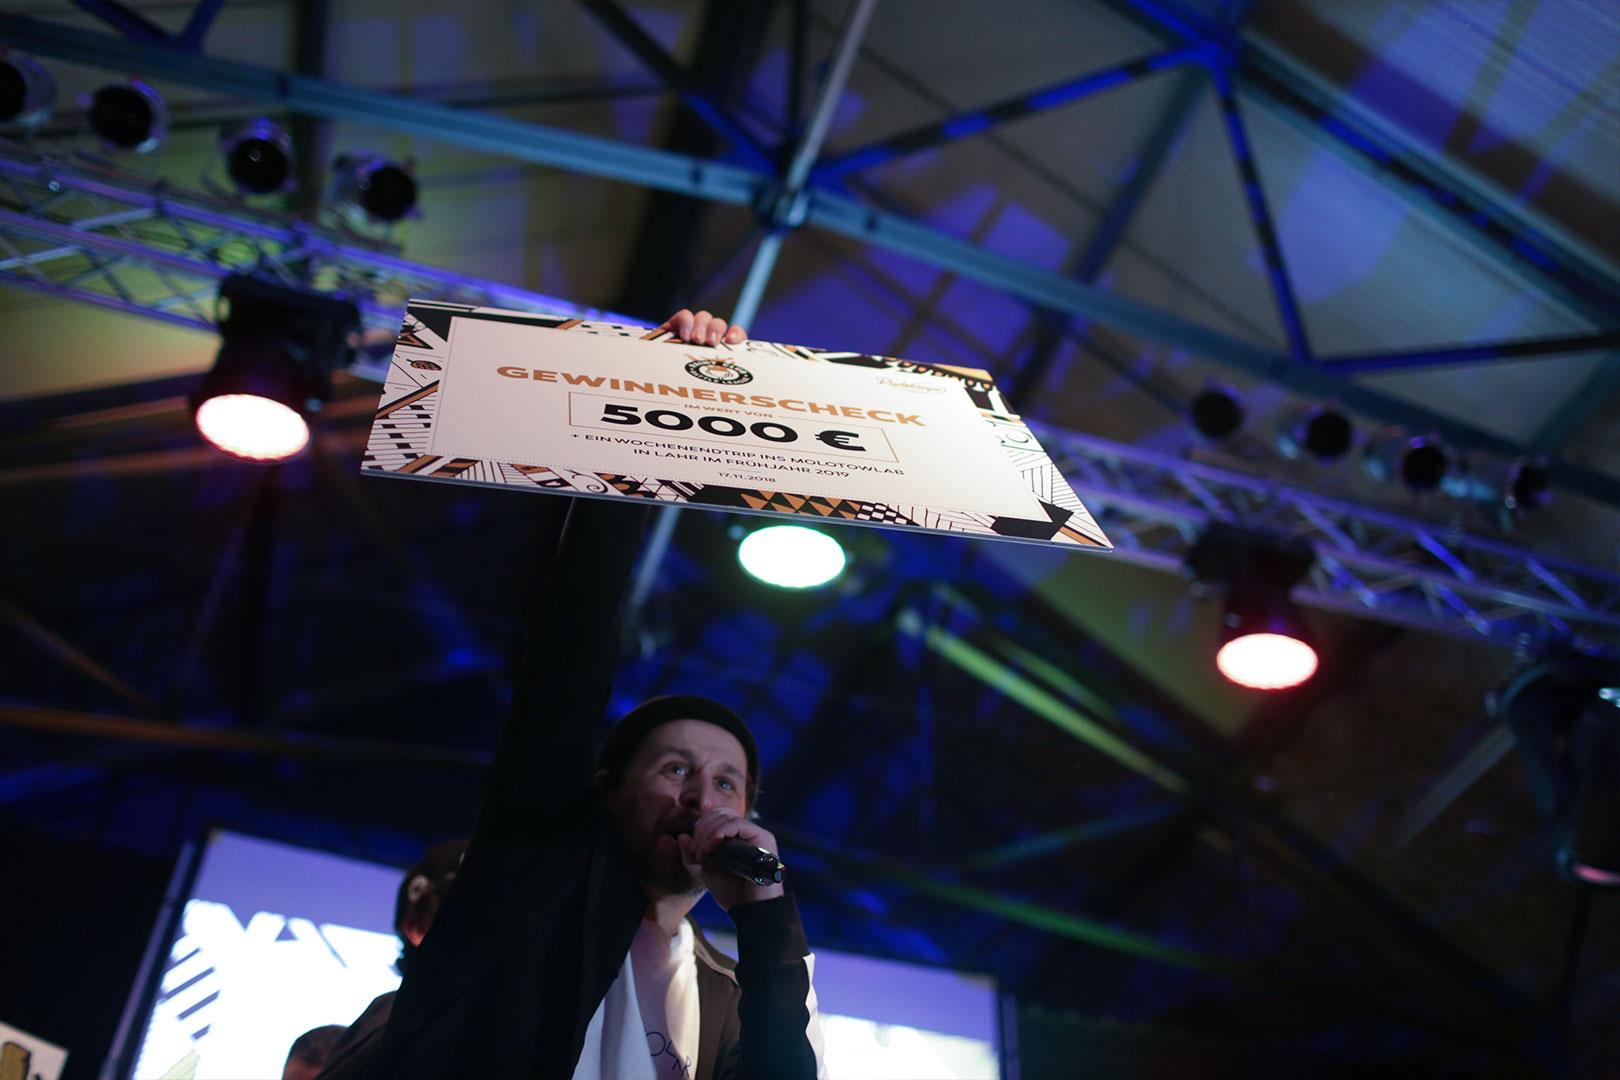 5000 € für die Gewinner